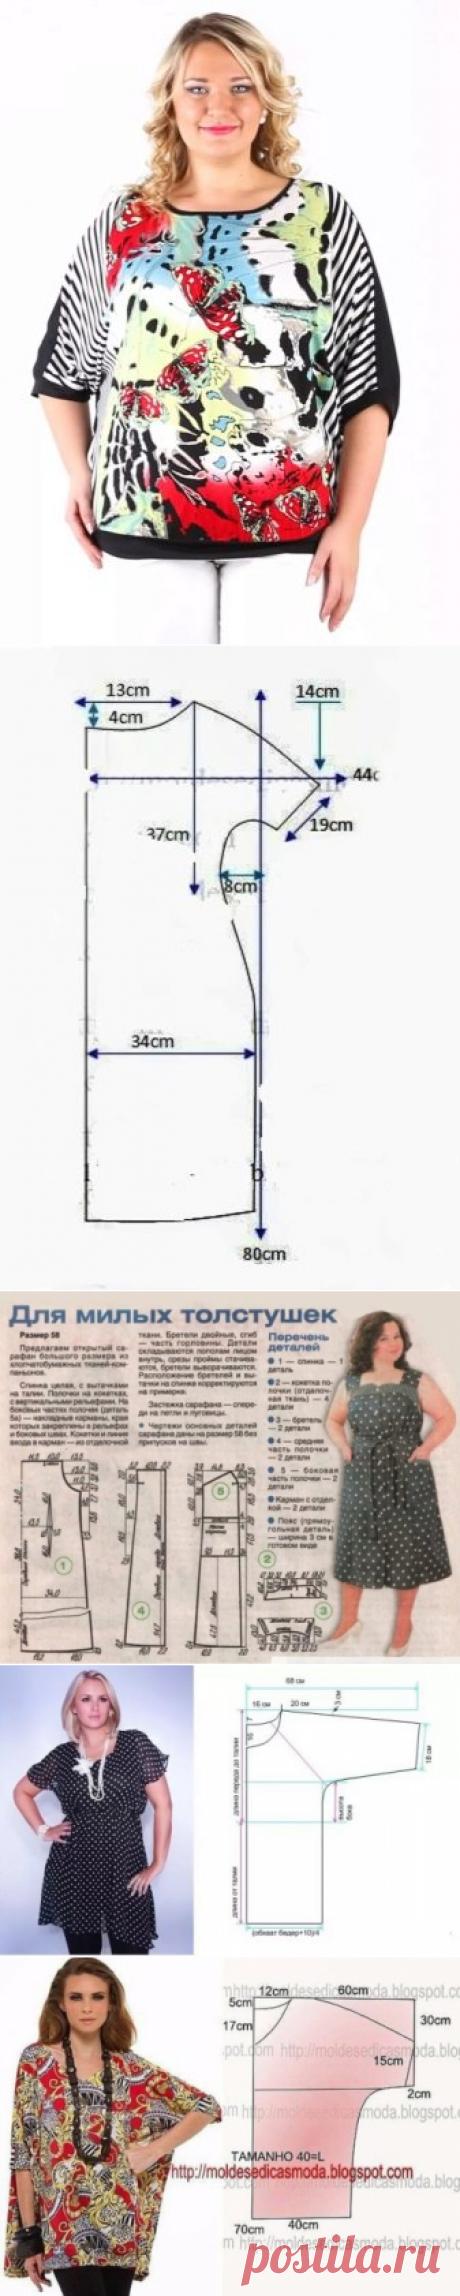 Выкройка блузки для полных женщин (49 фото): летние блузоны-туники большого размера своими руками